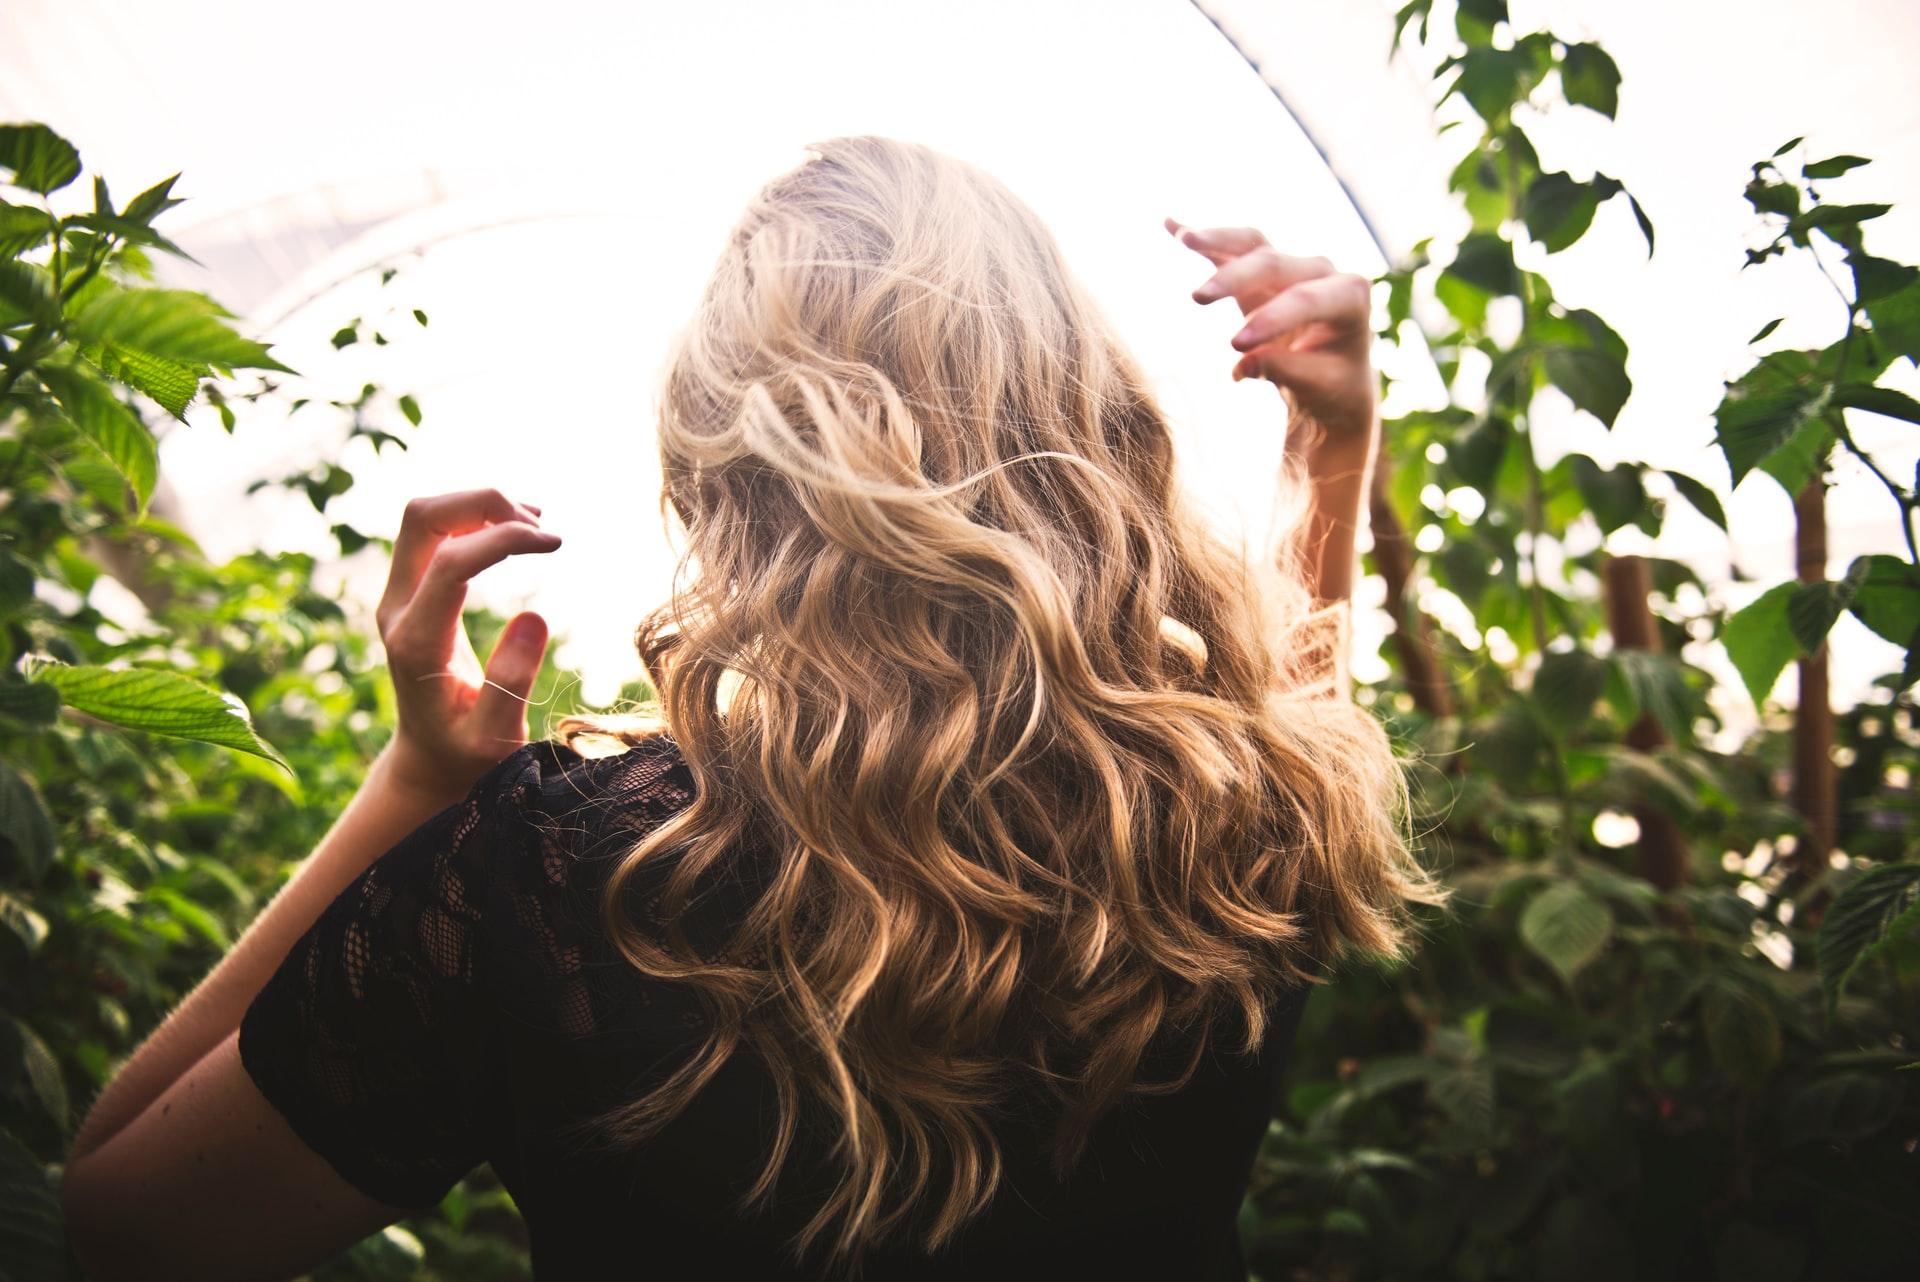 capelli folti